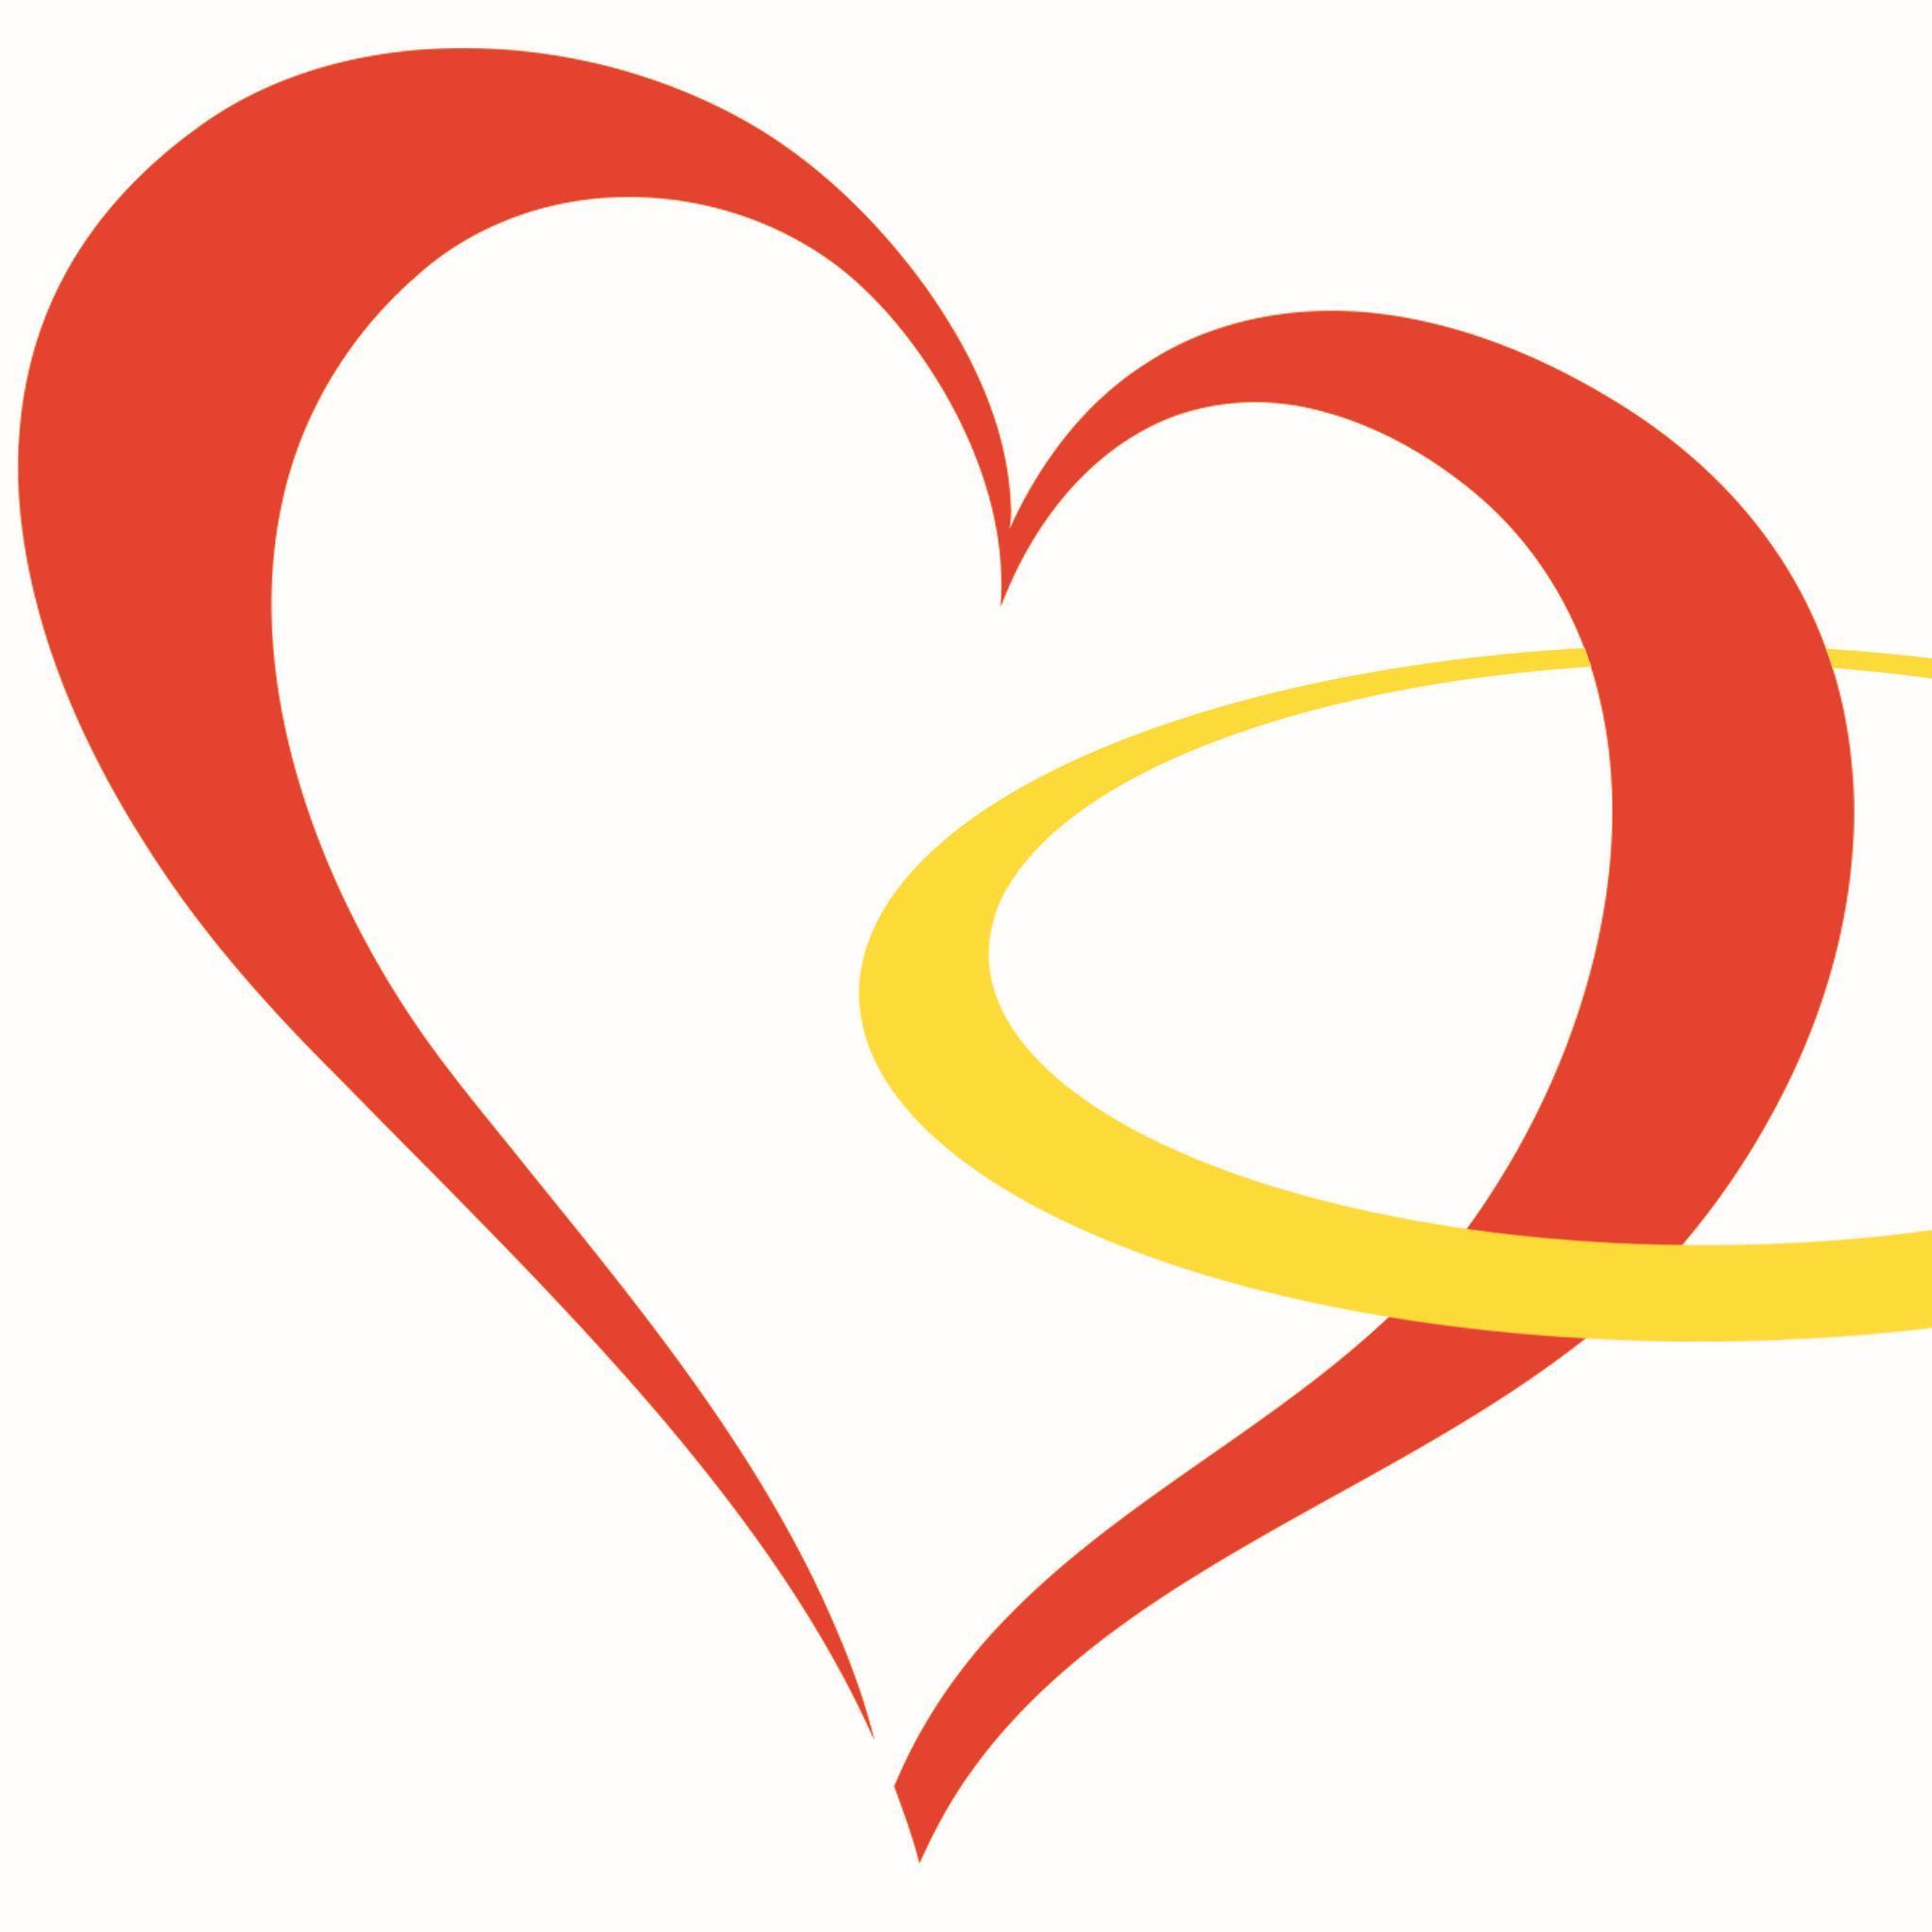 agenția matrimonială - Traducere în engleză - exemple în română   Reverso Context